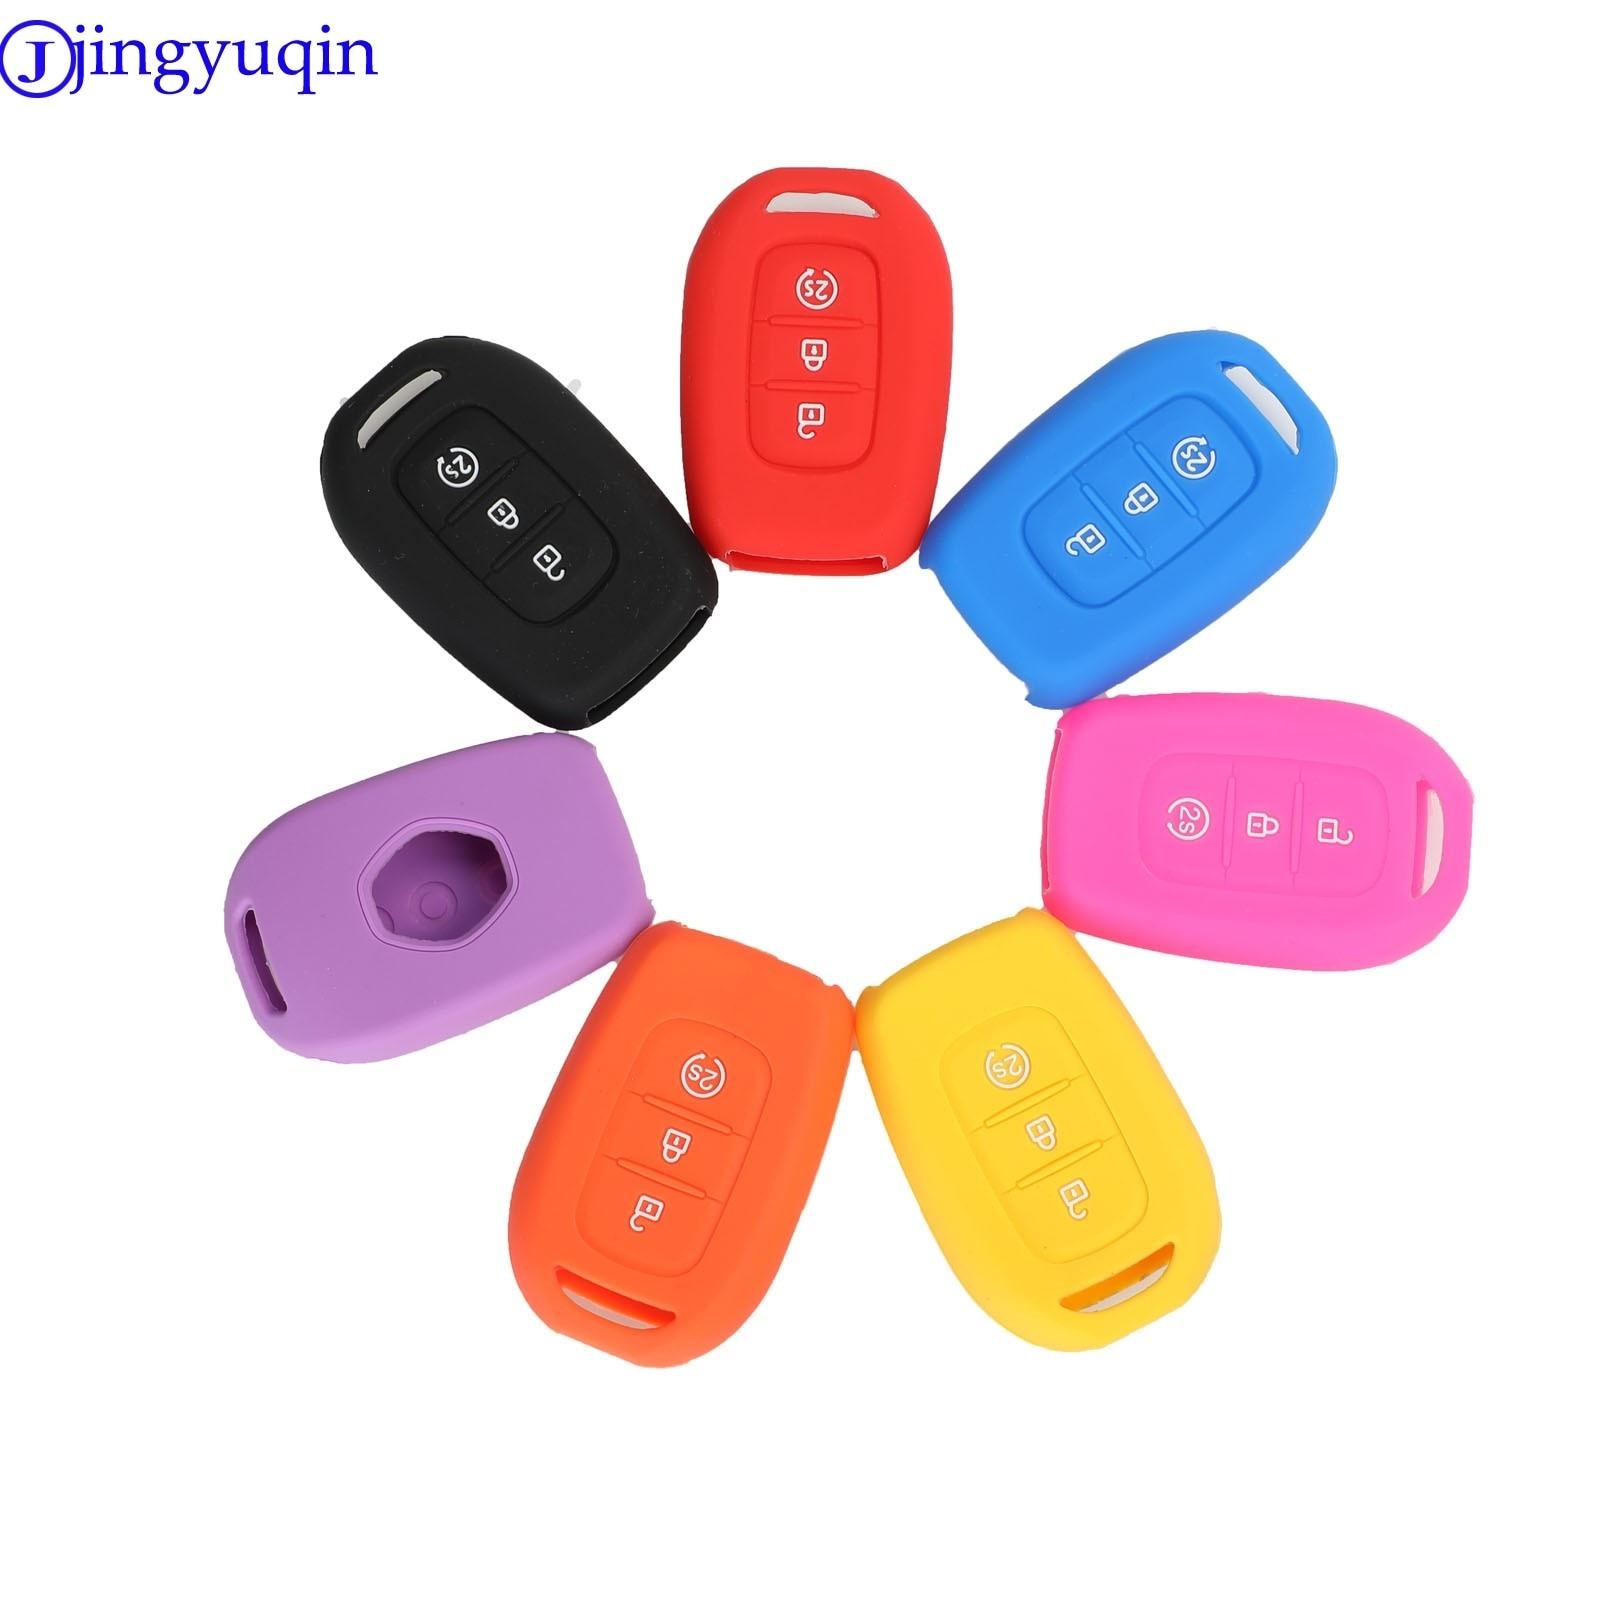 silicone rubber car key cover case for Perodua Myvi, Viva, Alza 2 button  remote key